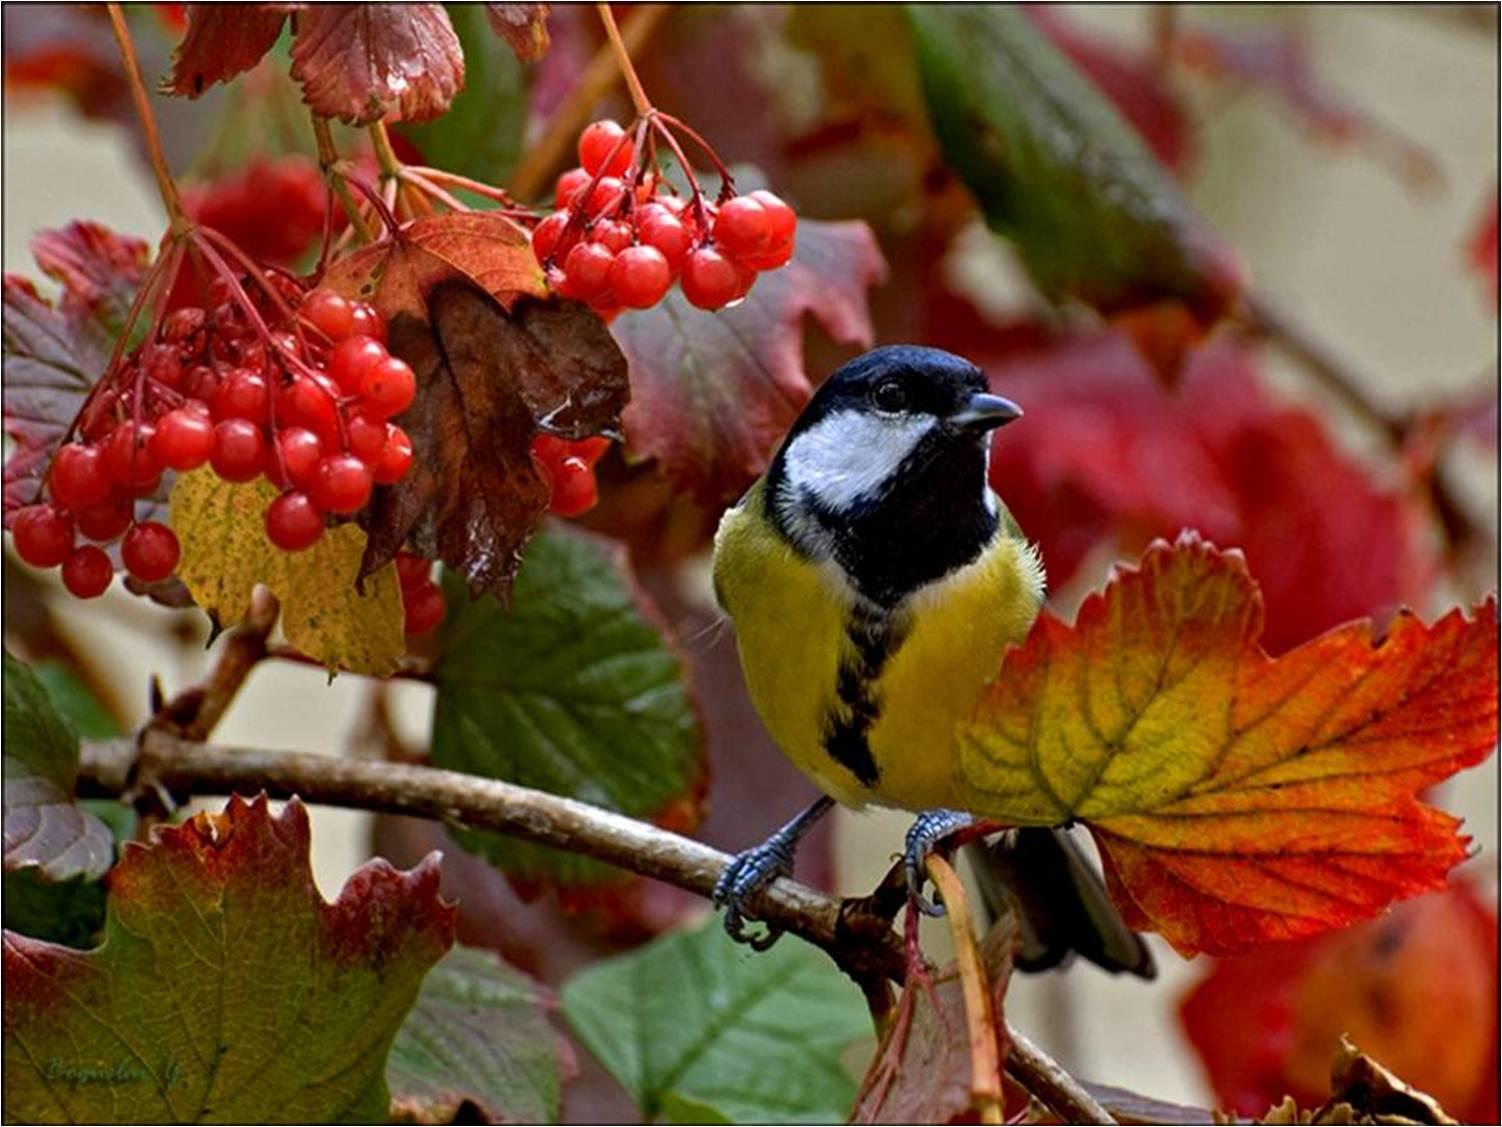 Jardin la voie sacr e de la nature for Oiseaux de jardin au printemps